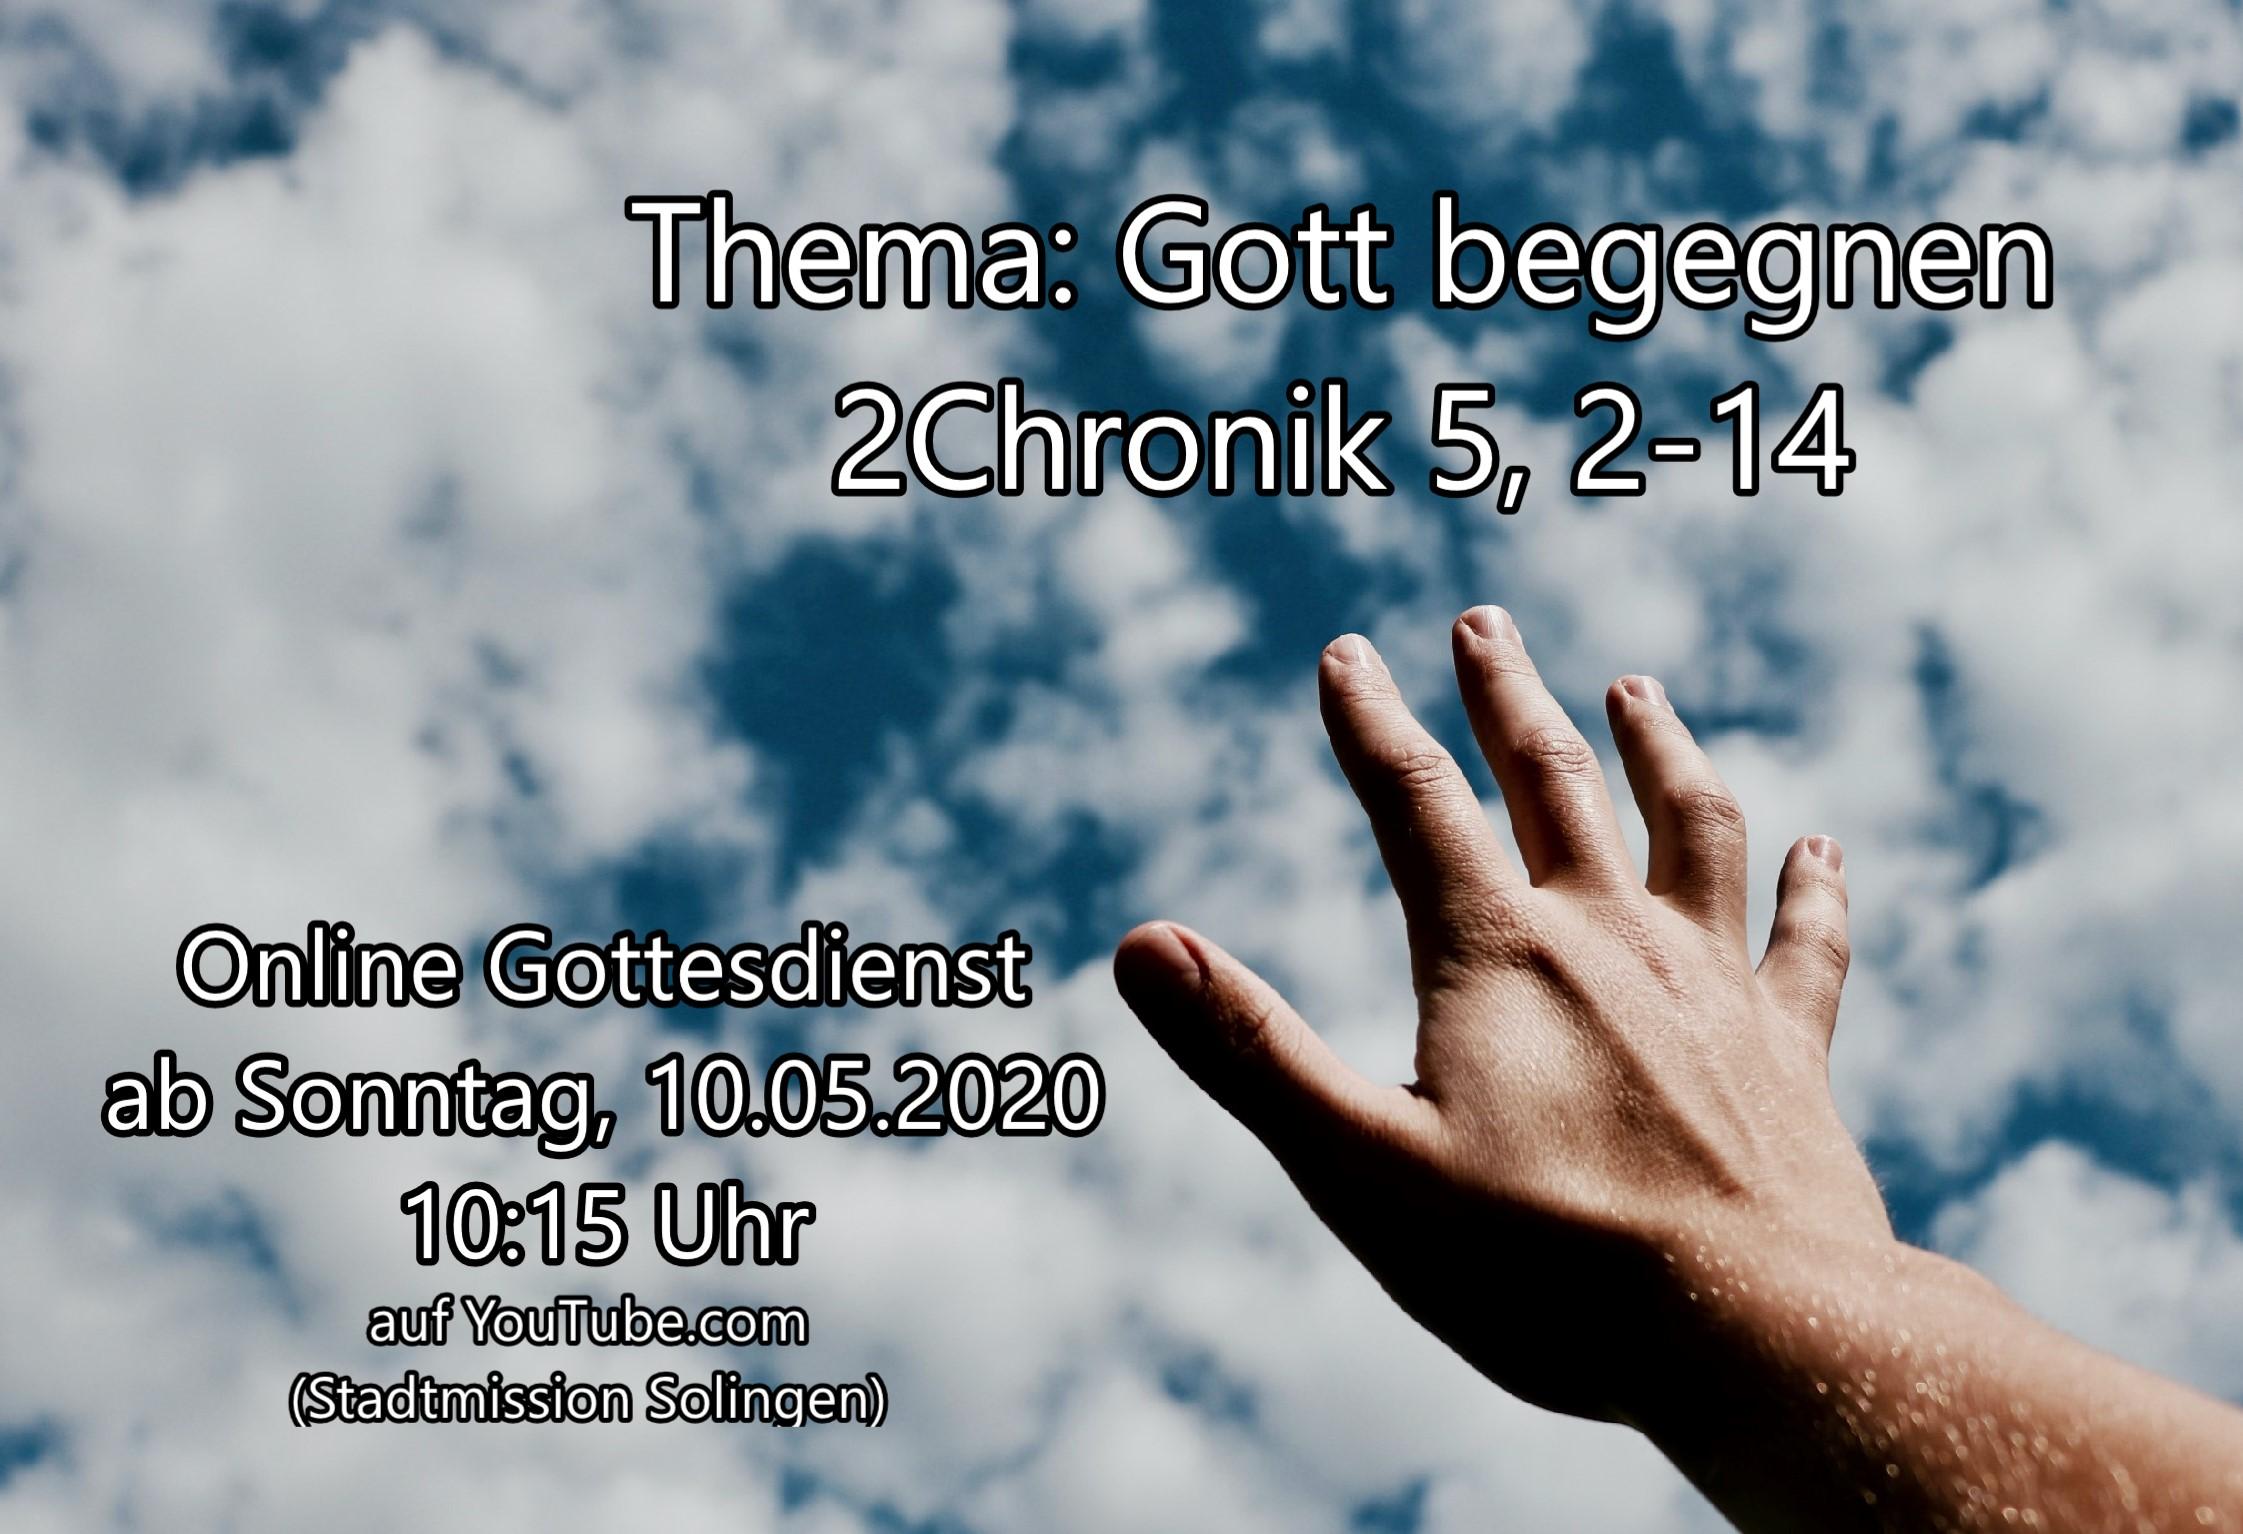 Online-Gottesdienst vom 10.05.2020